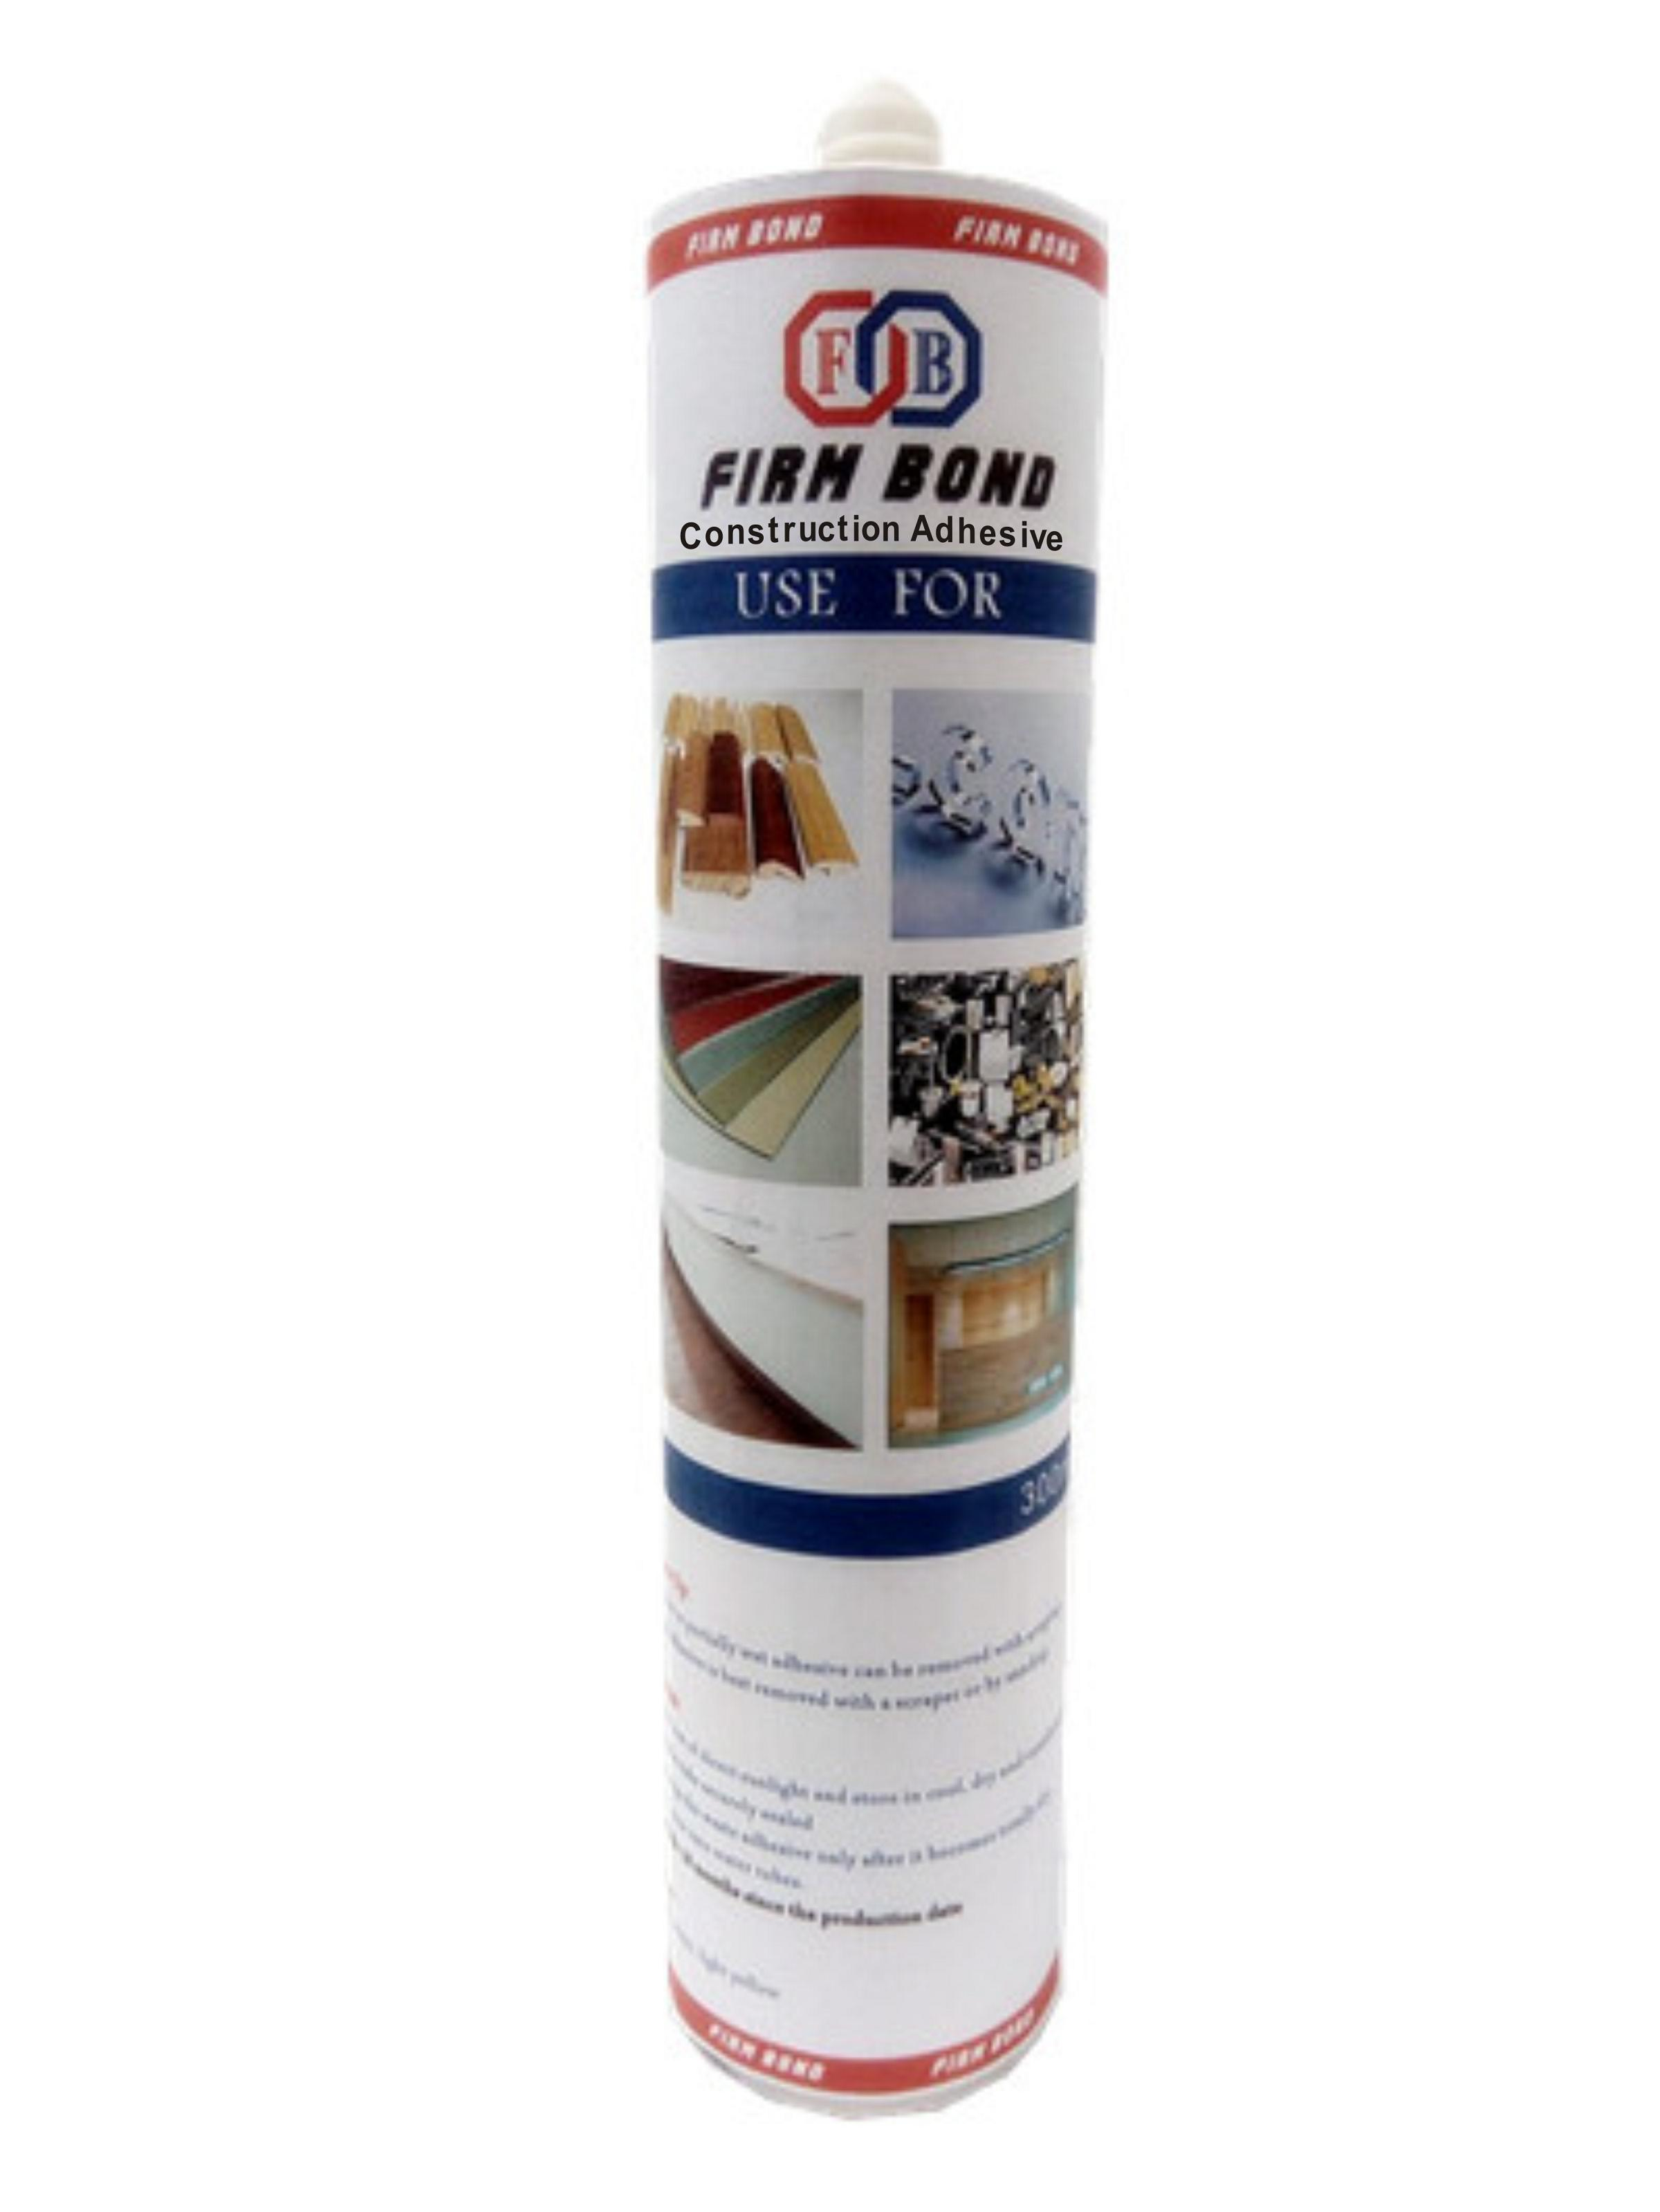 China Factory Supply Construction Adhesive